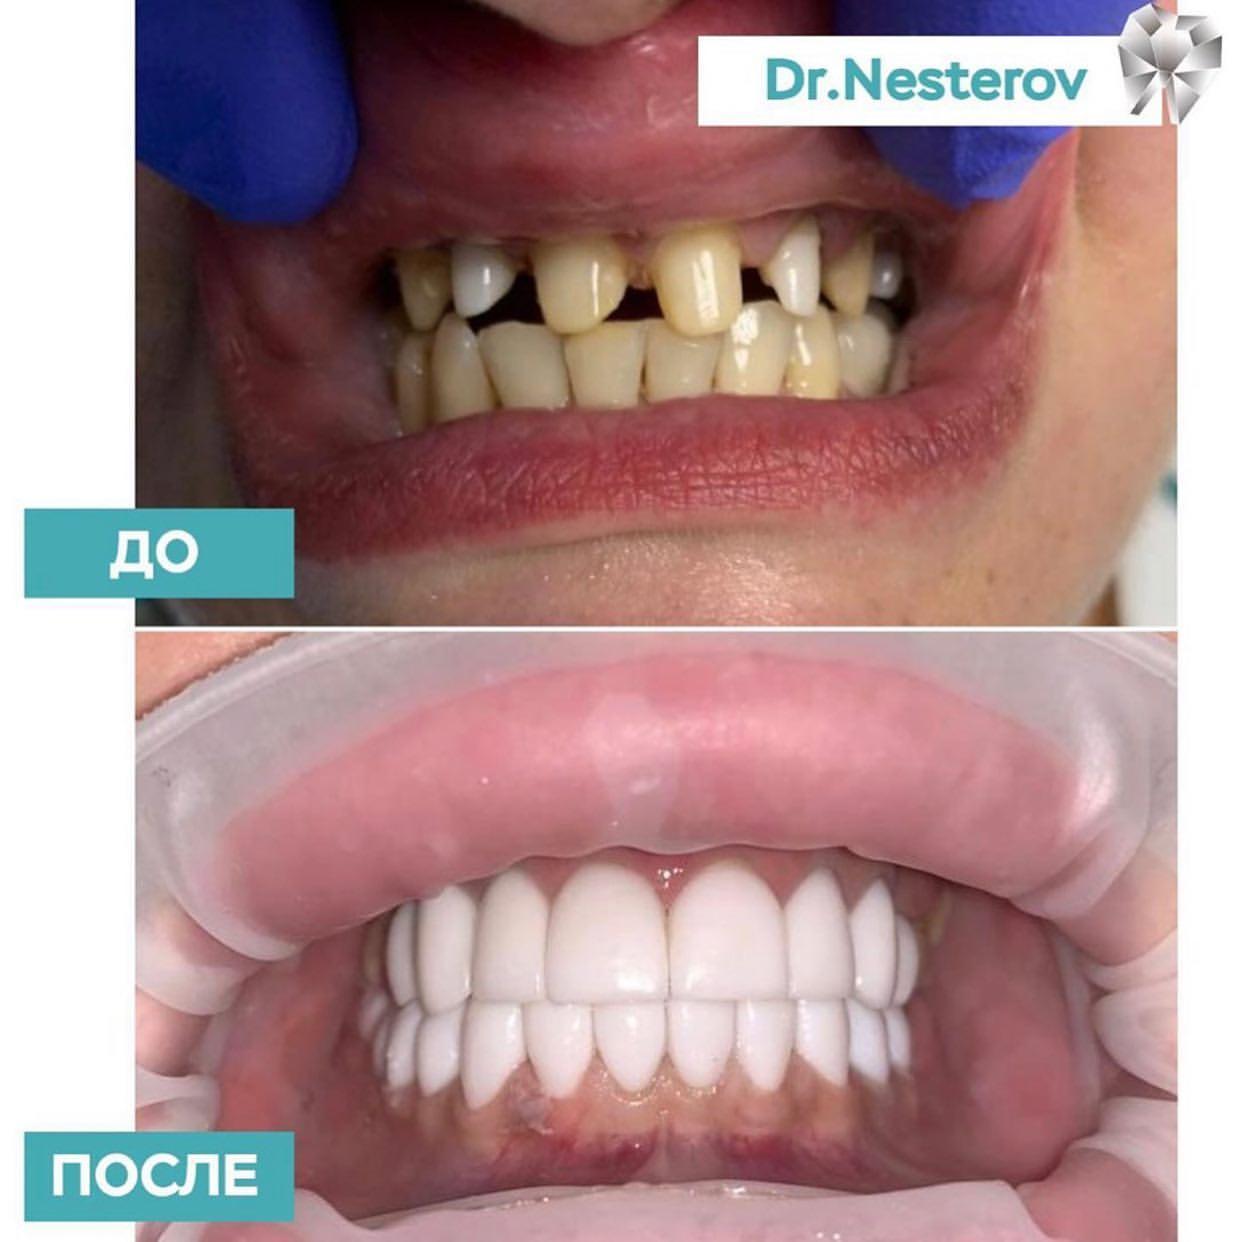 <p>Друзья, рады представить результат работы нашего стоматолога доктора Нестерова в Уфе